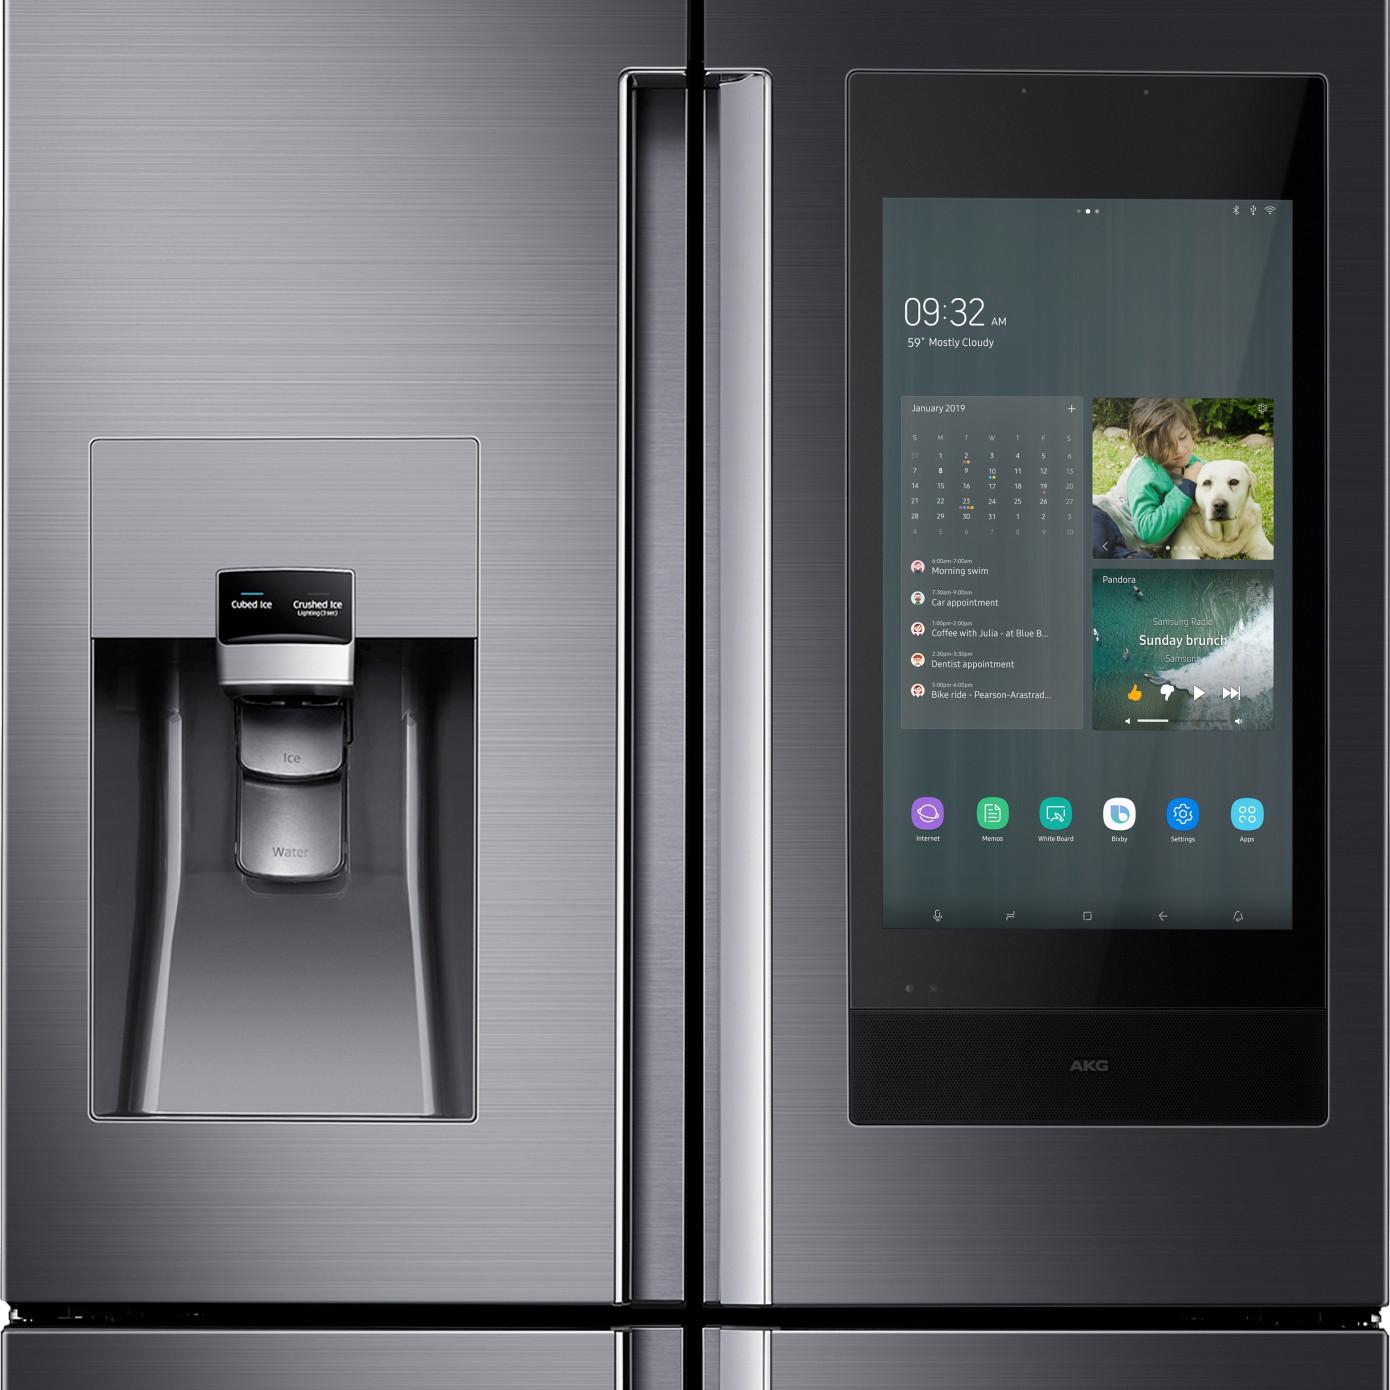 Оновлення смарт-хабу та розумні холодильники